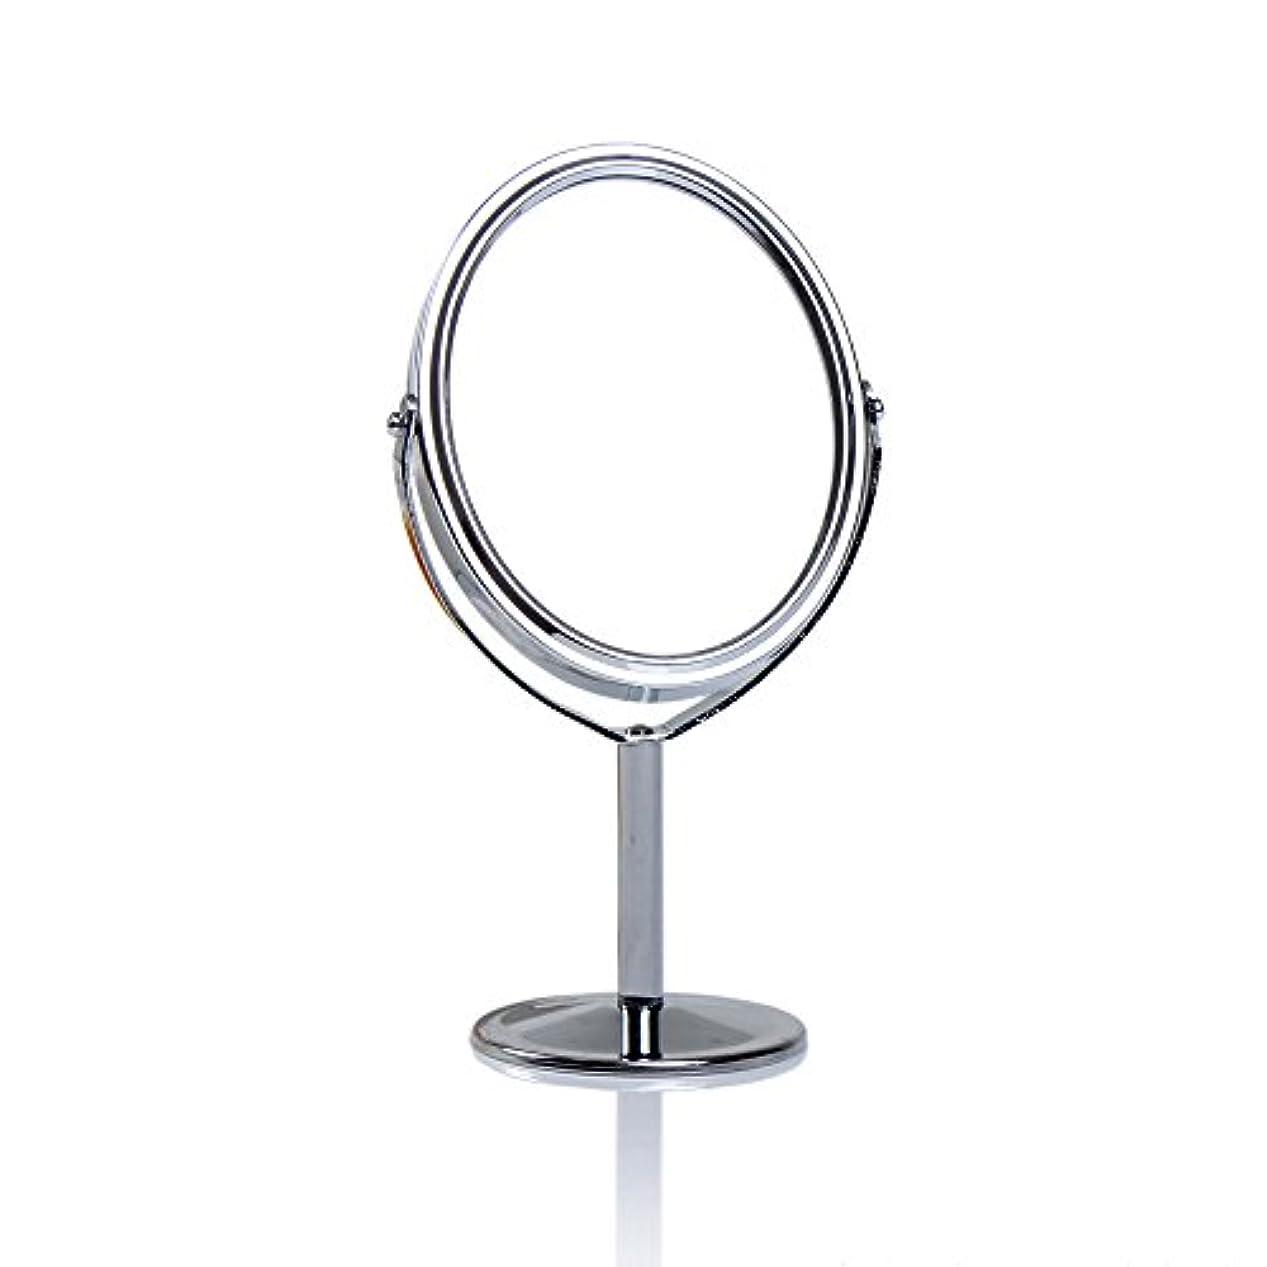 ホスト言い聞かせる良心Dream 化粧鏡 両面 化粧ミラー 美容鏡 卓上鏡 浴室鏡 女優ミラー 防水 (B)